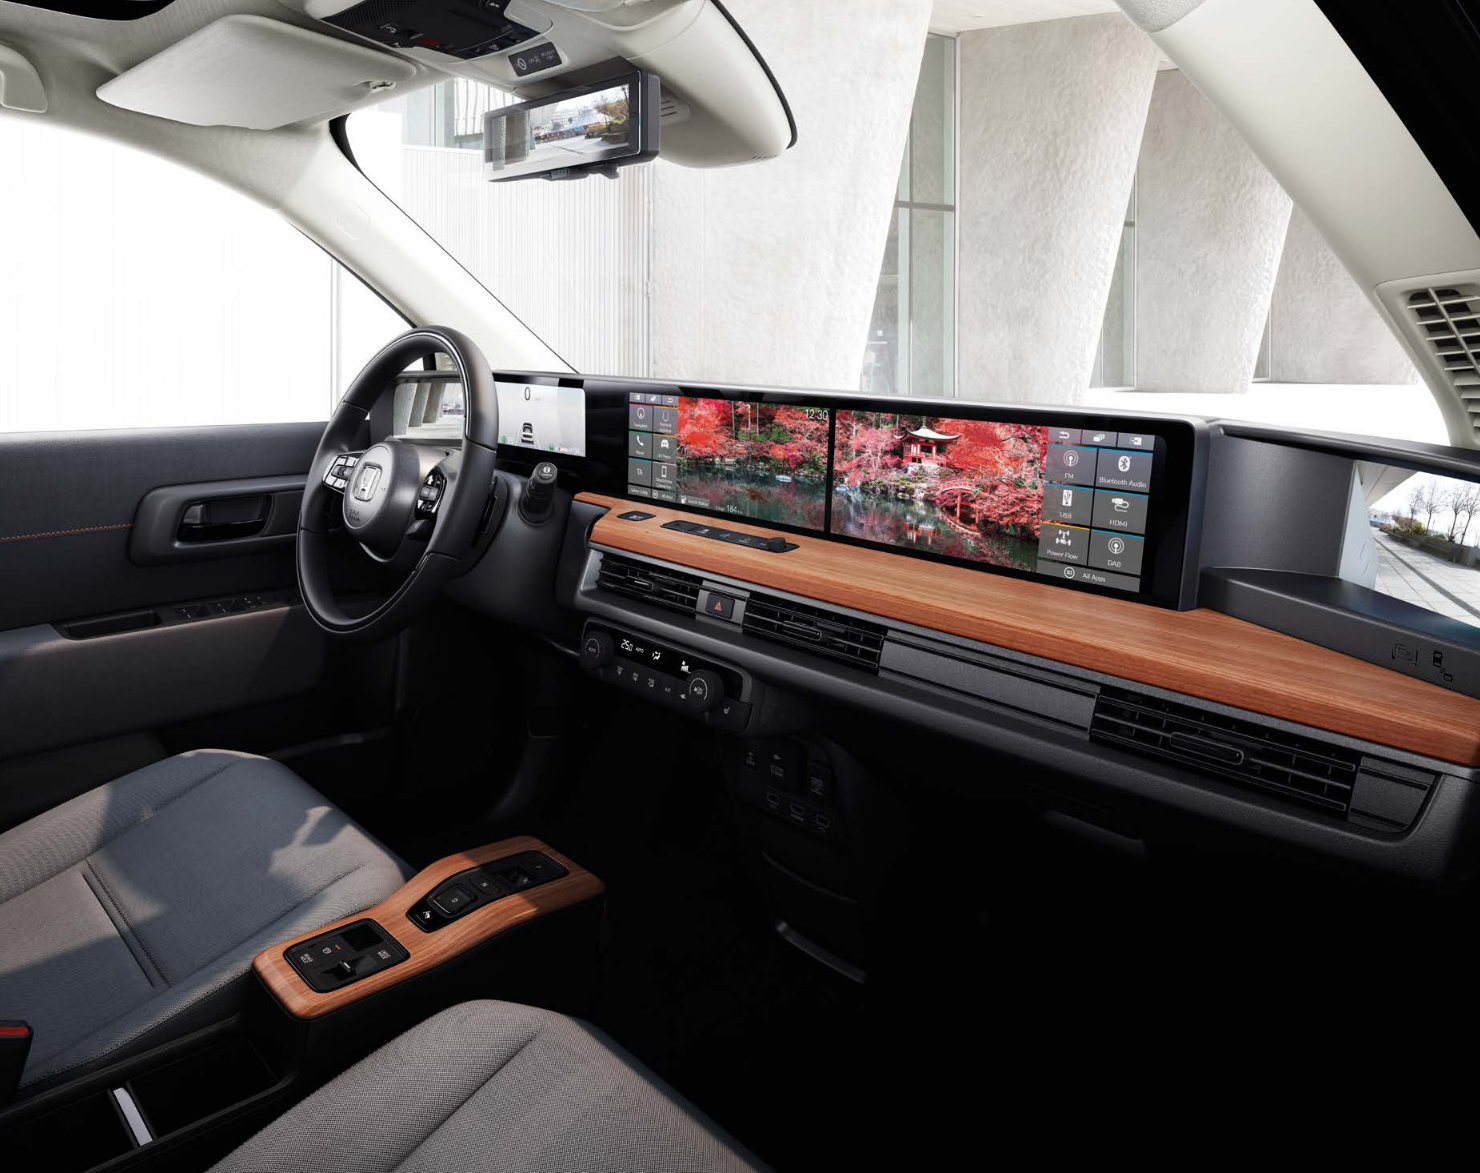 Der Honda e bei Auto Stahl ist Honda´s erstes vollelektrisches Fahrzeug, hier in der Innenansicht Cockpit